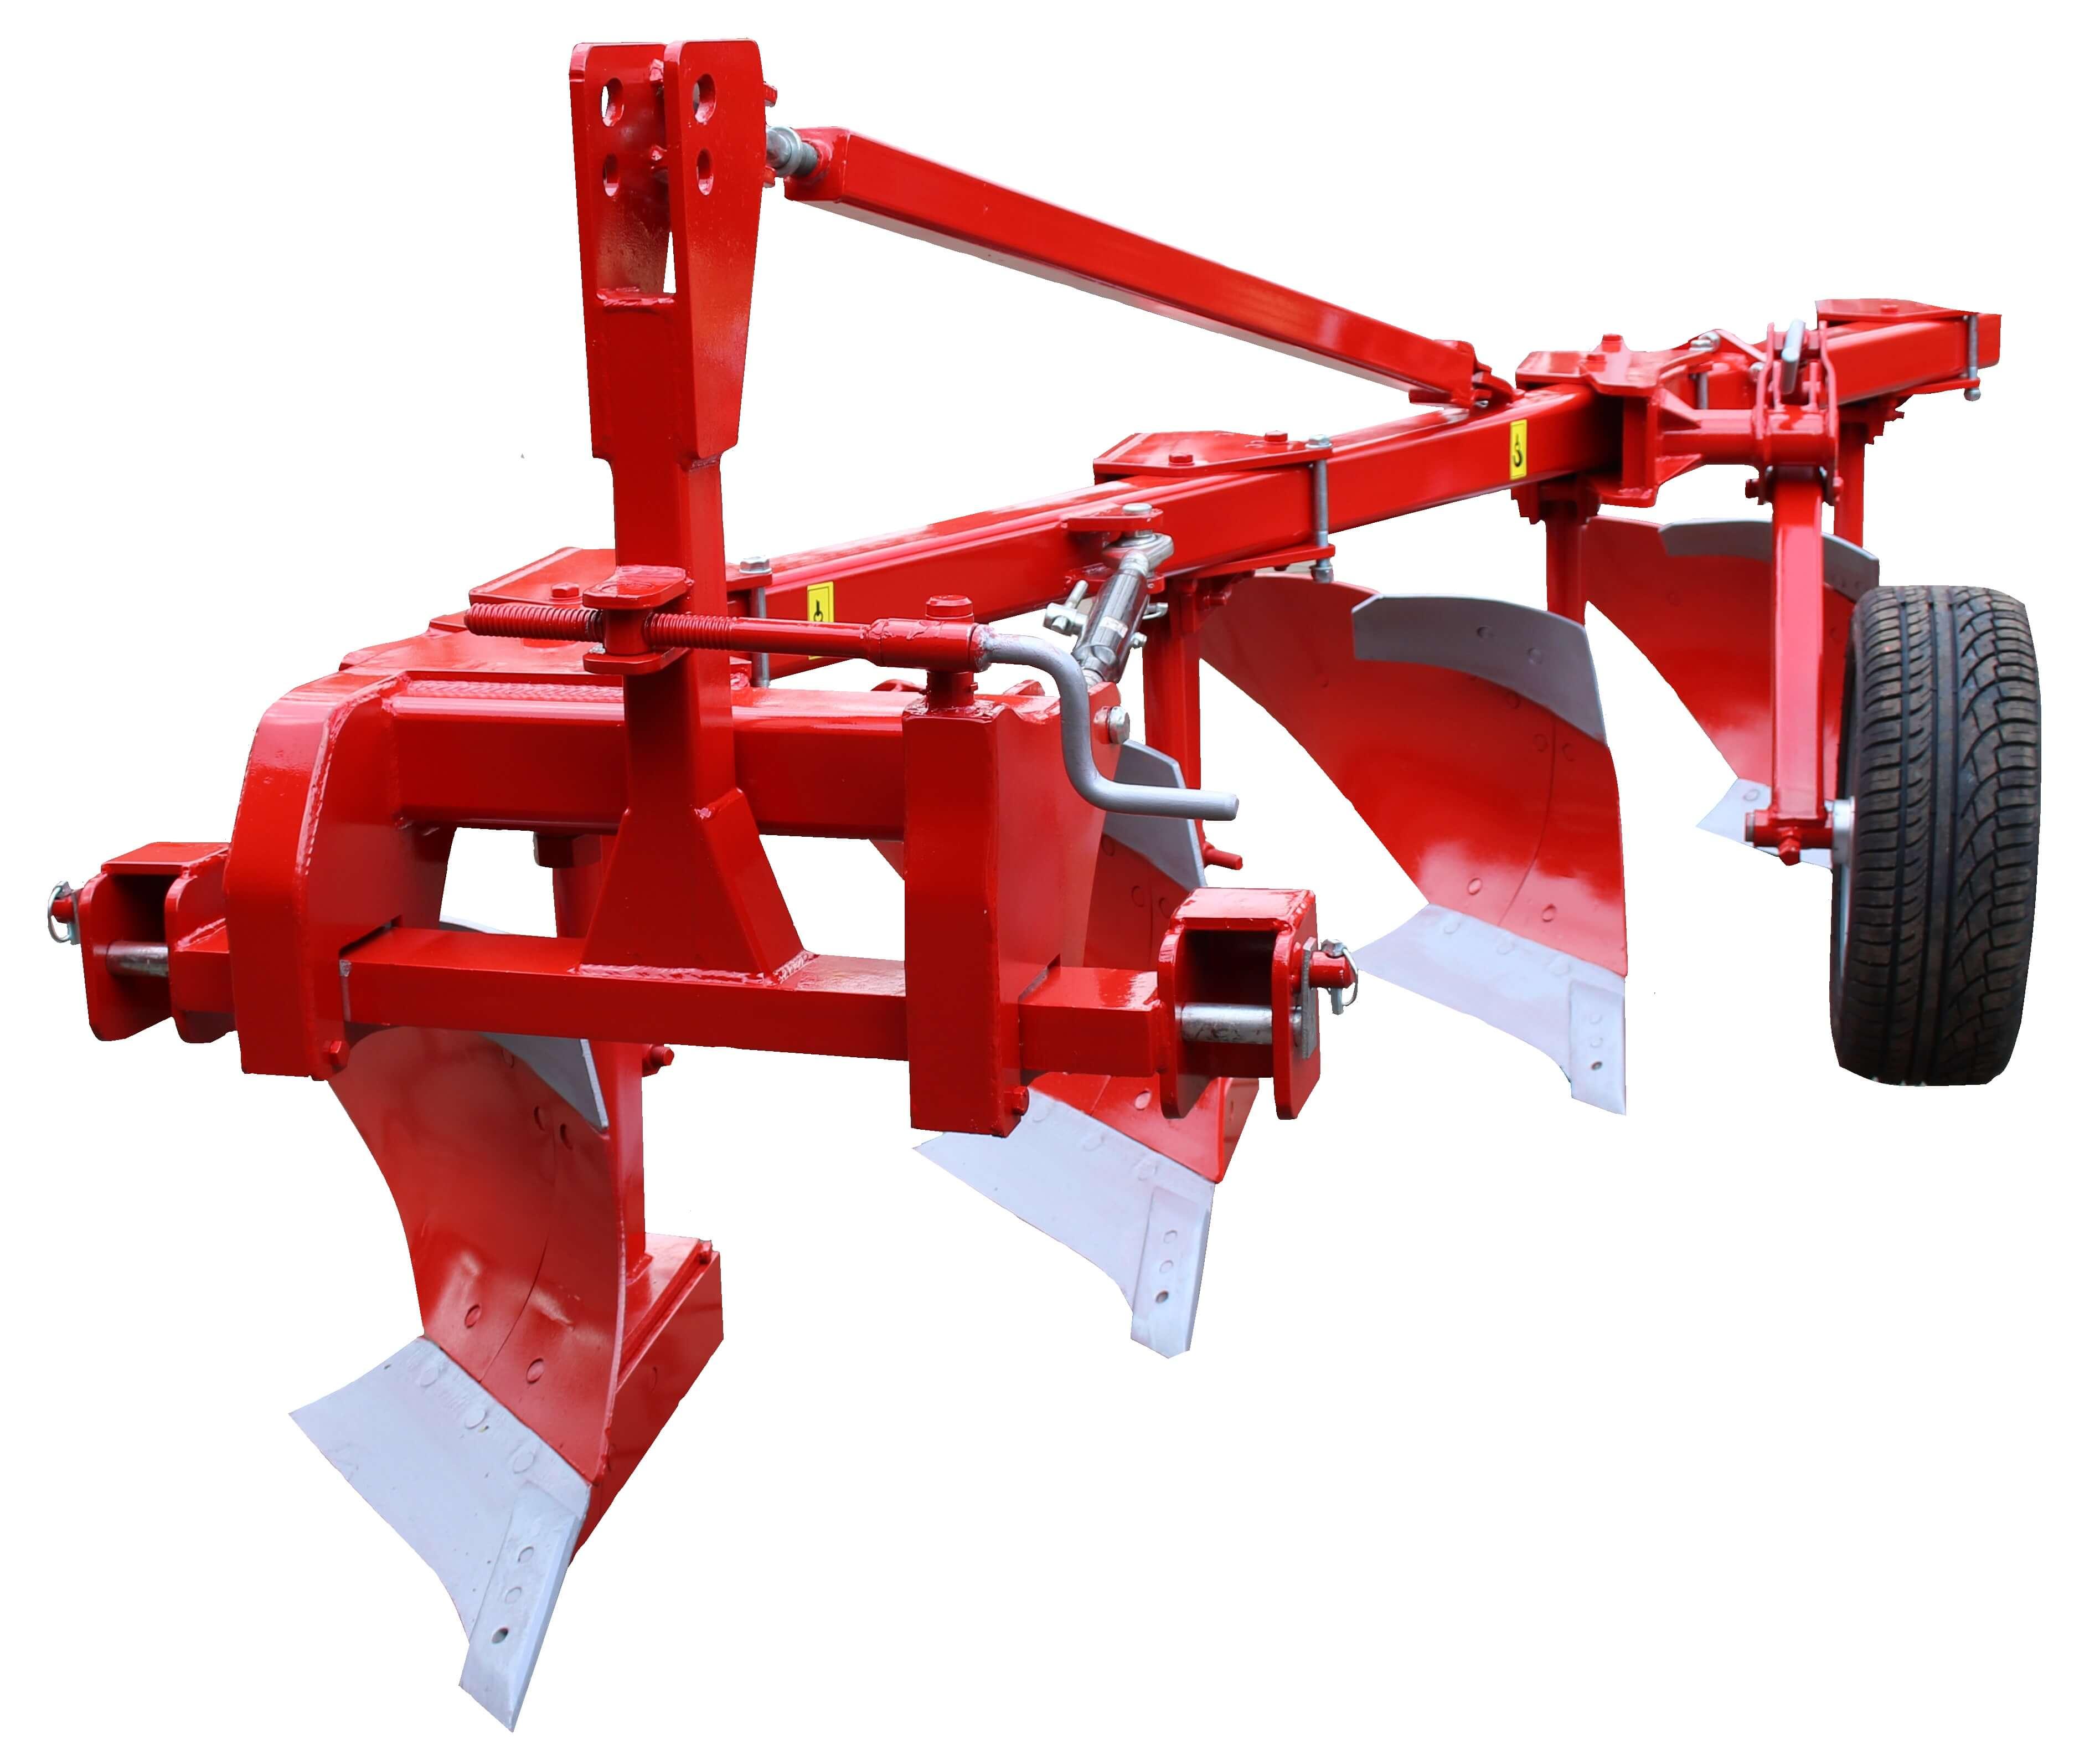 Oferta maszyn rolniczych - Pług jednobelkowy MAK EVO